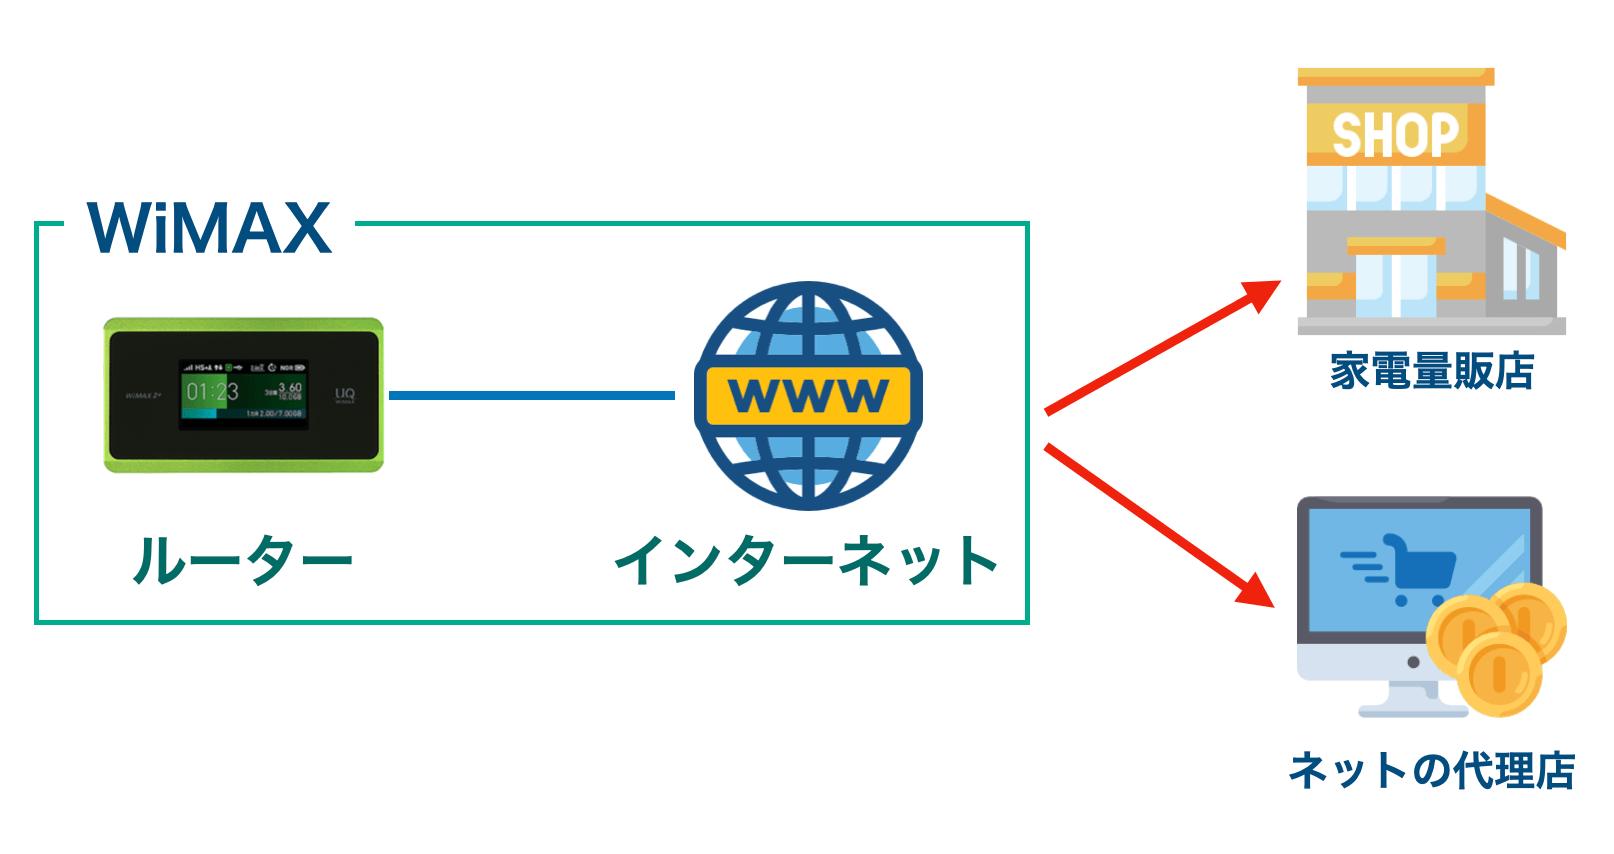 WiMAXの窓口